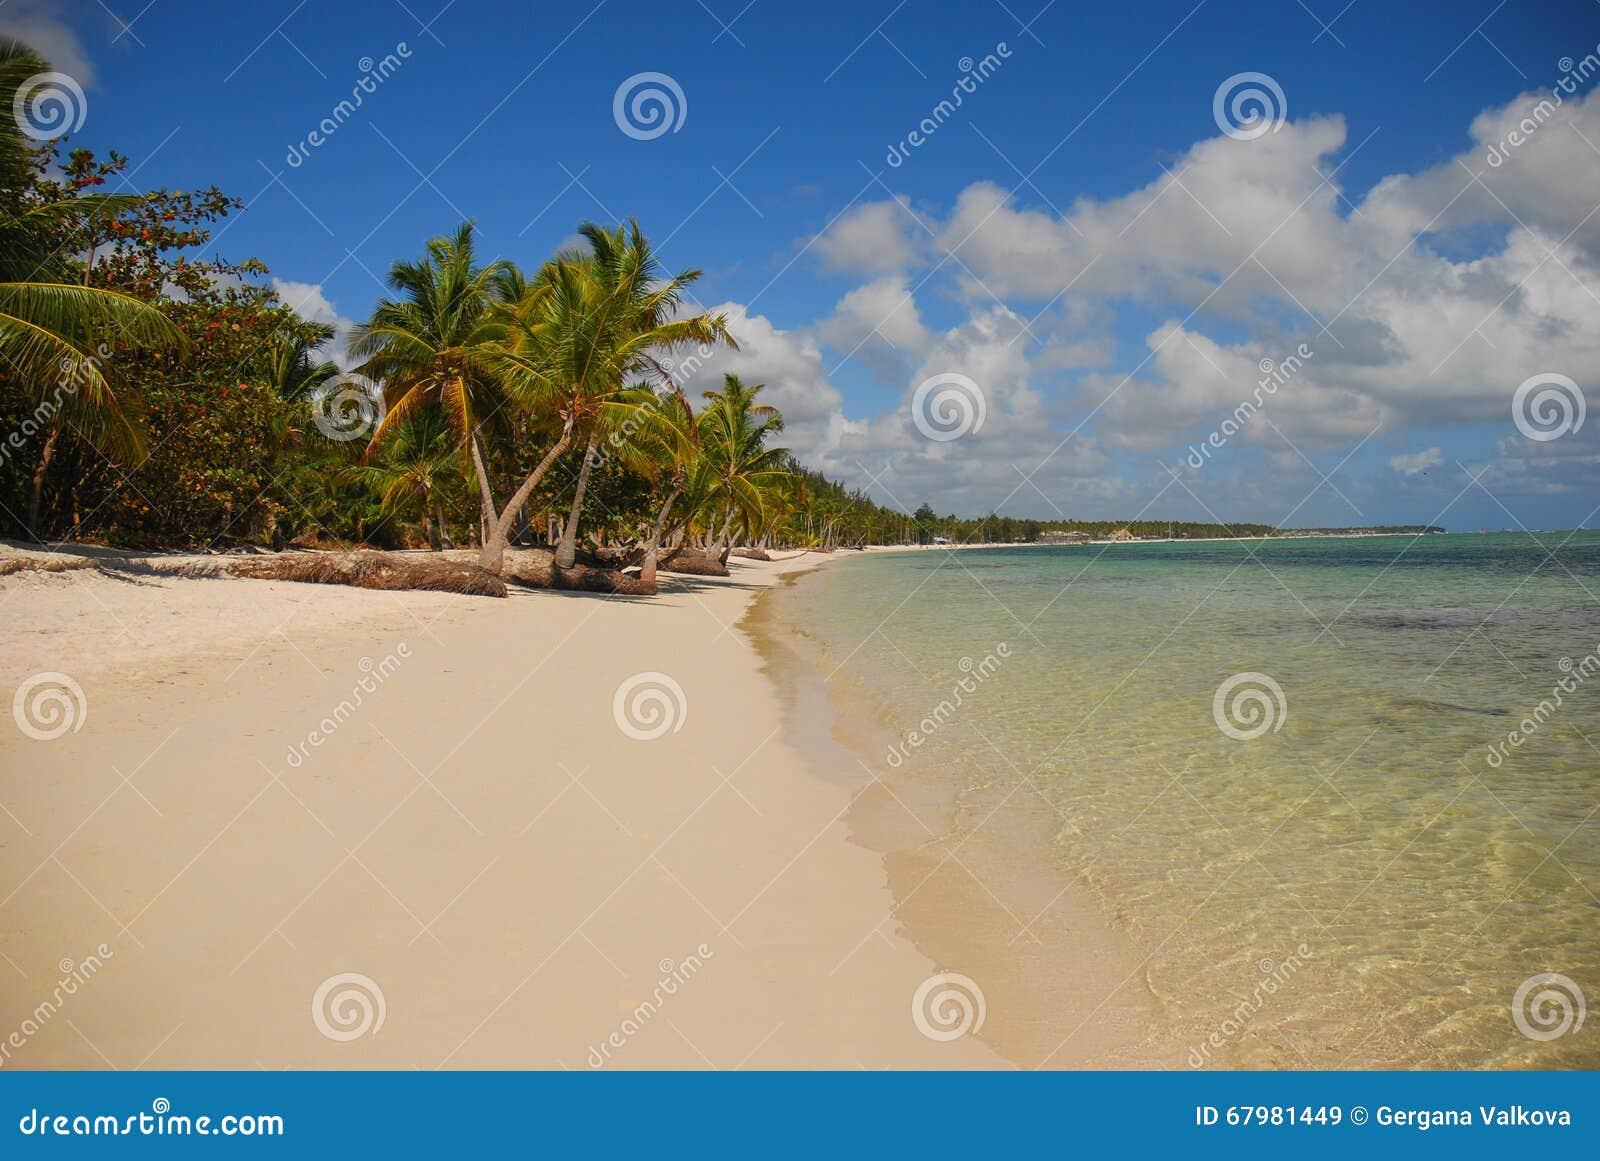 Пальмы и песчаный пляж в Доминиканской Республике